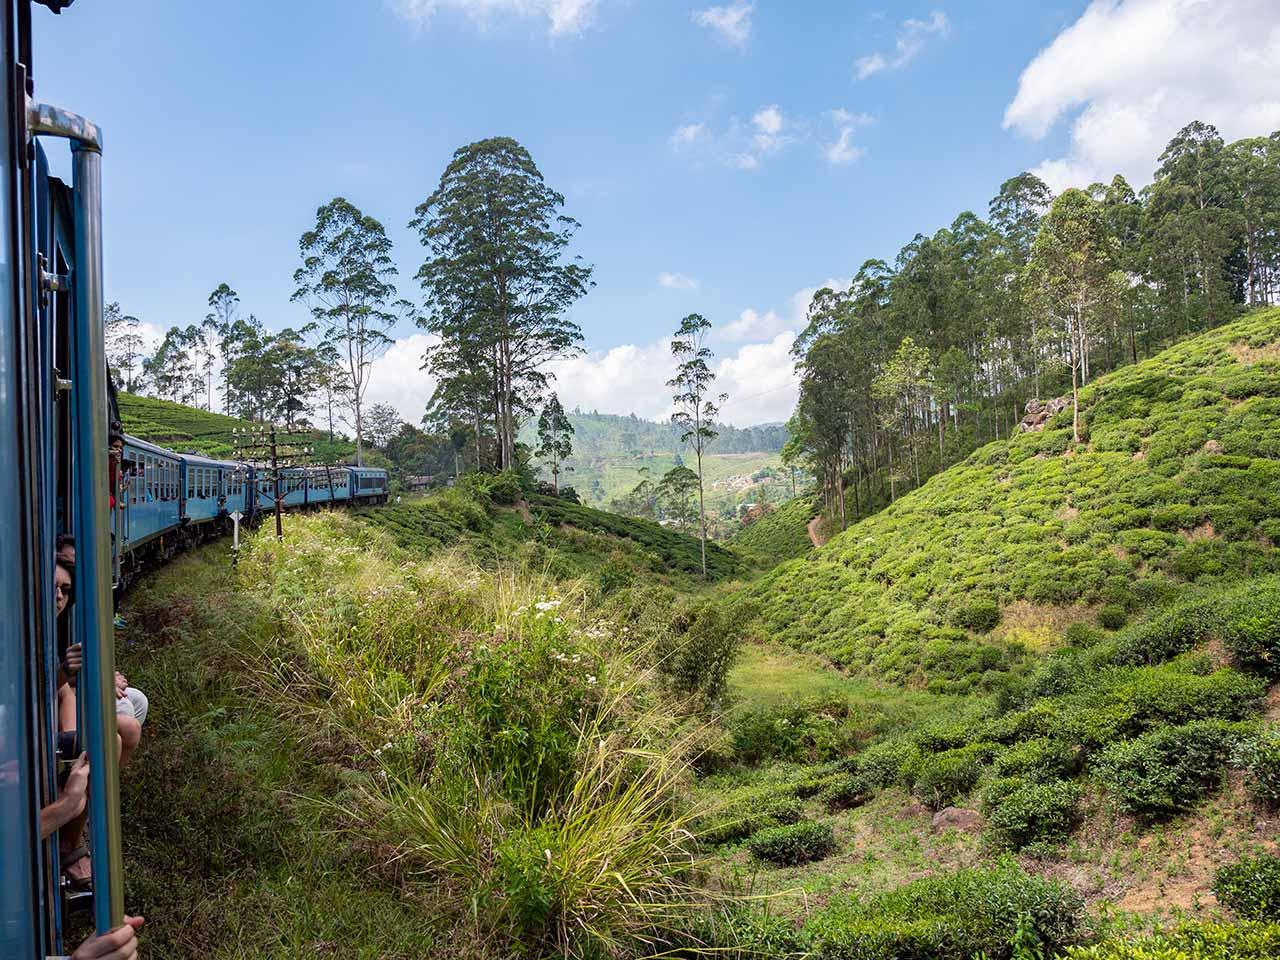 Aussicht aus dem Zug von Kandy nach Ella in Sri Lanka